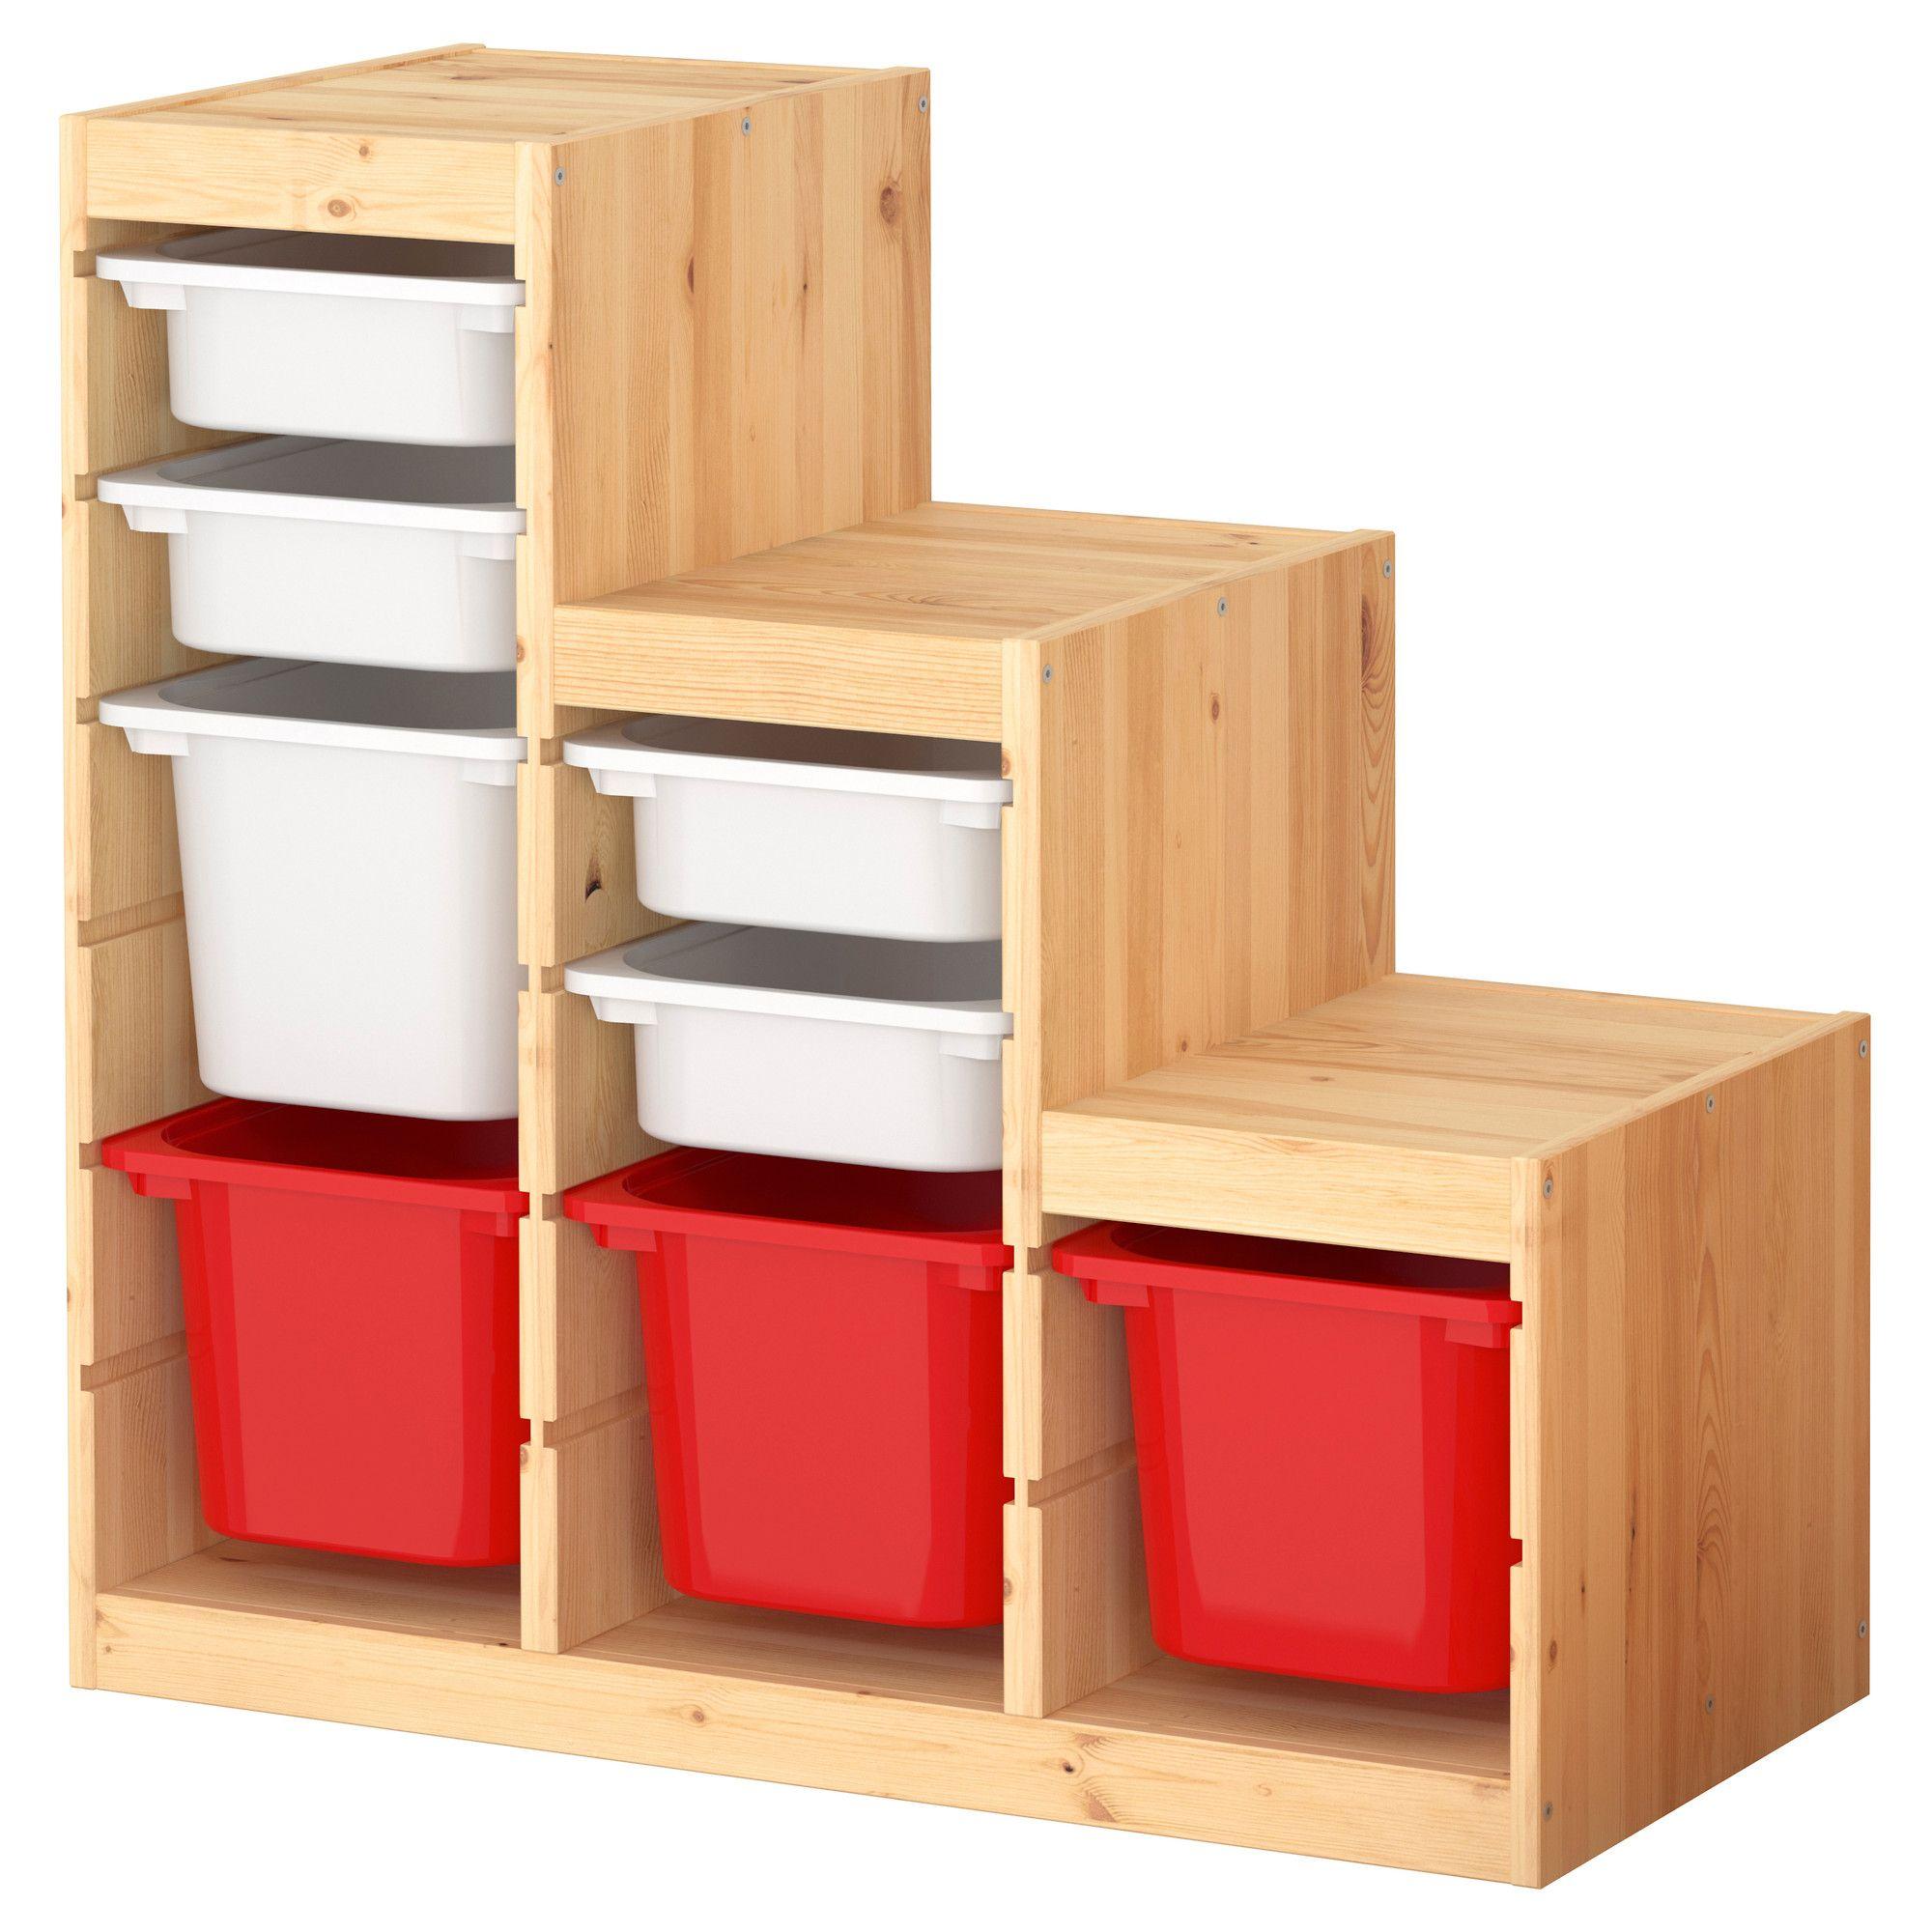 Opbergkast Trofast Ikea.Nederland Ideeen Voor Het Huis In 2019 Opbergmeubel